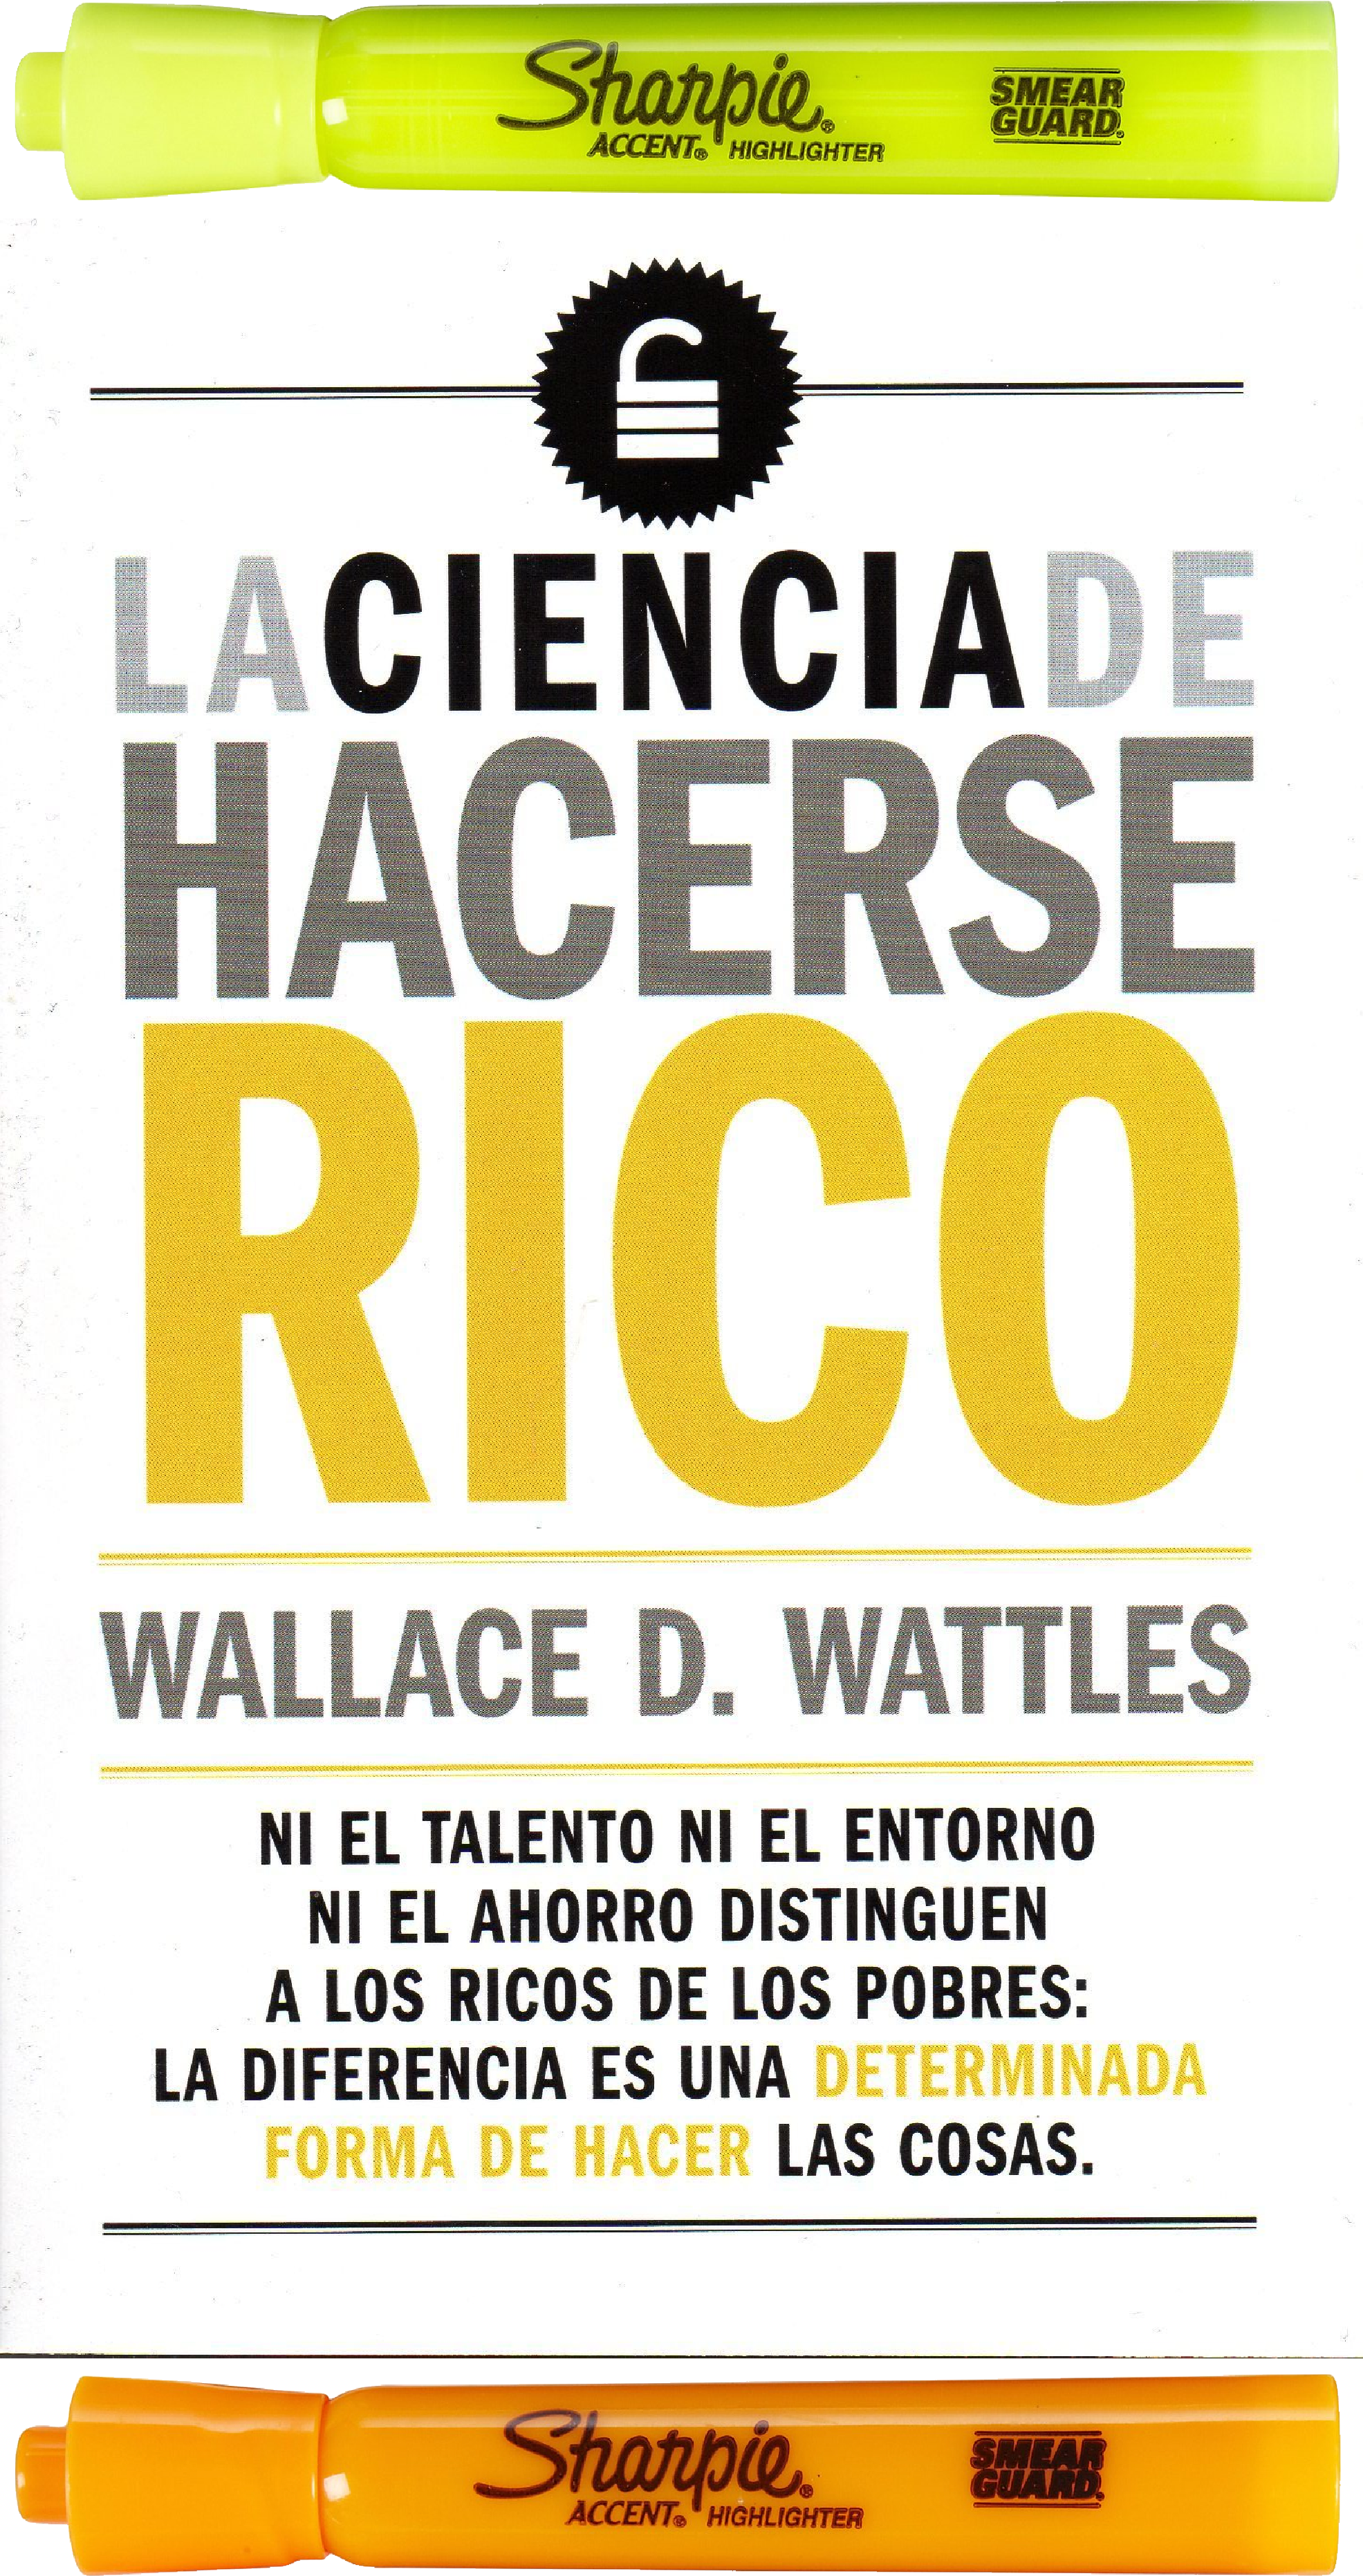 La Ciencia de hacerse rico, Wallace D Wattles Año: 2017 Edición: 01 No